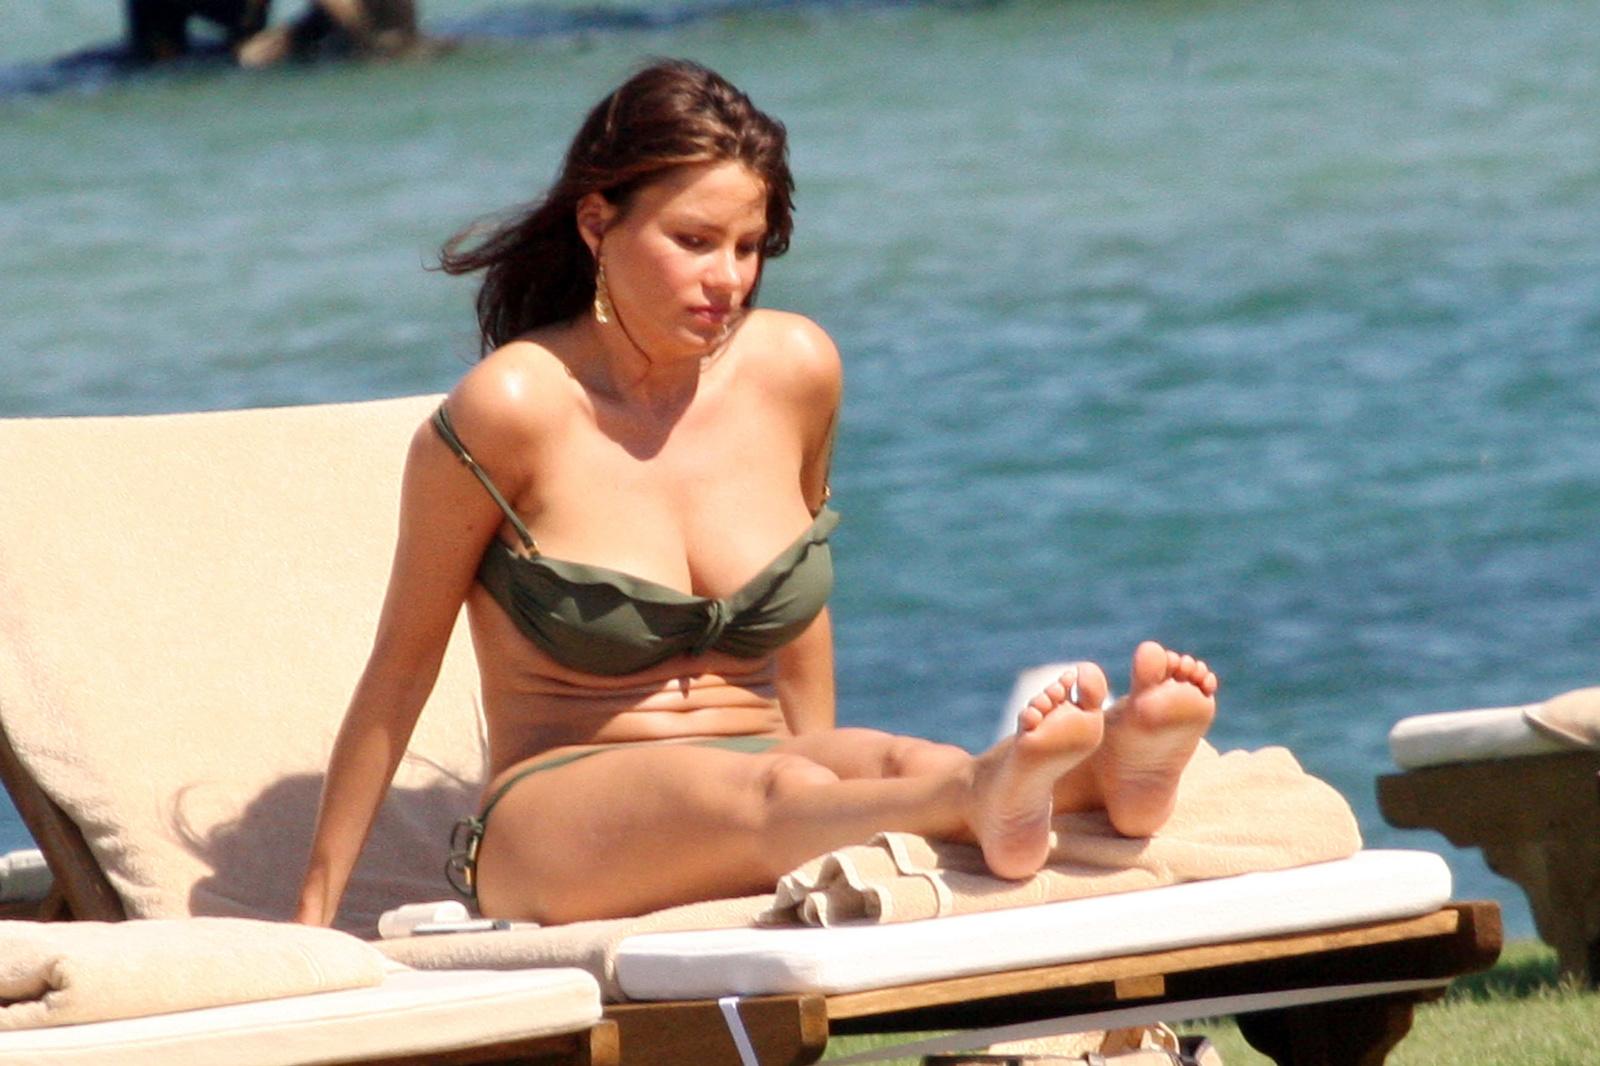 Аппетитная София Вергара в купальнике цвета хаки на Сардинии